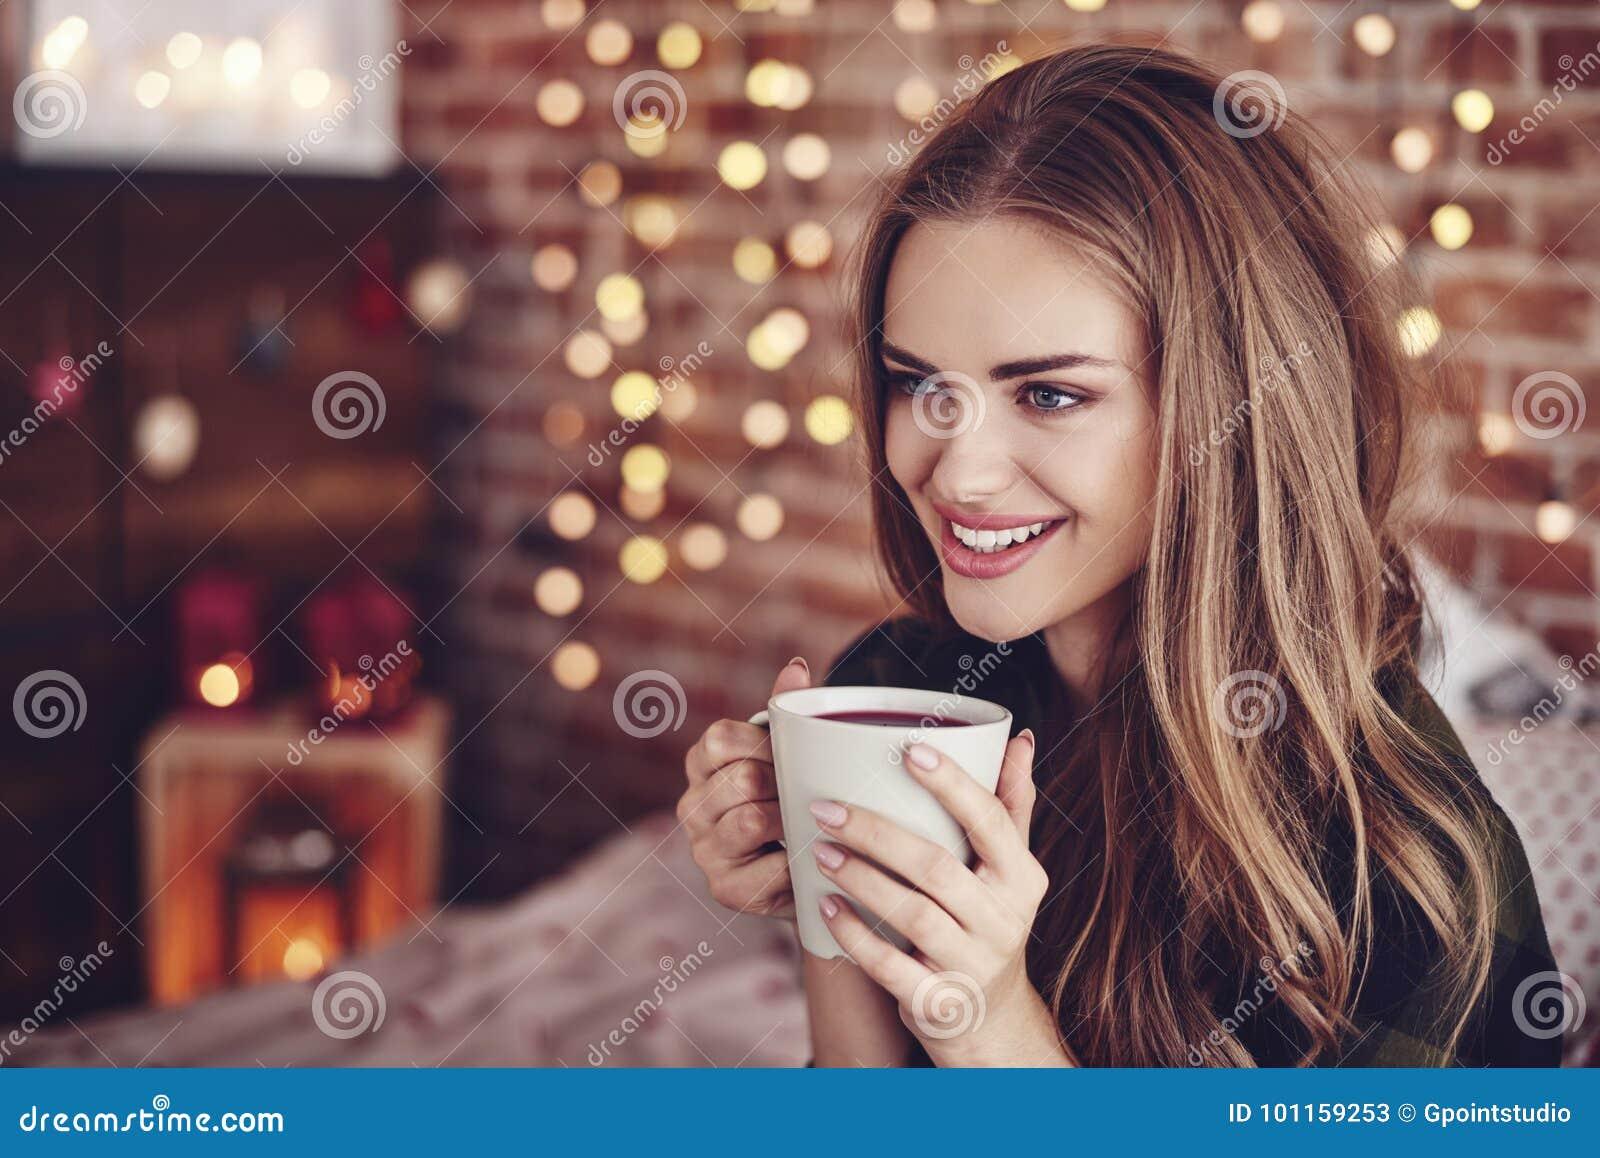 красивейшие, котор будут измененный обрамленный выпивать кофе имеют изображения мое портфолио фото для того чтобы огородить женщи